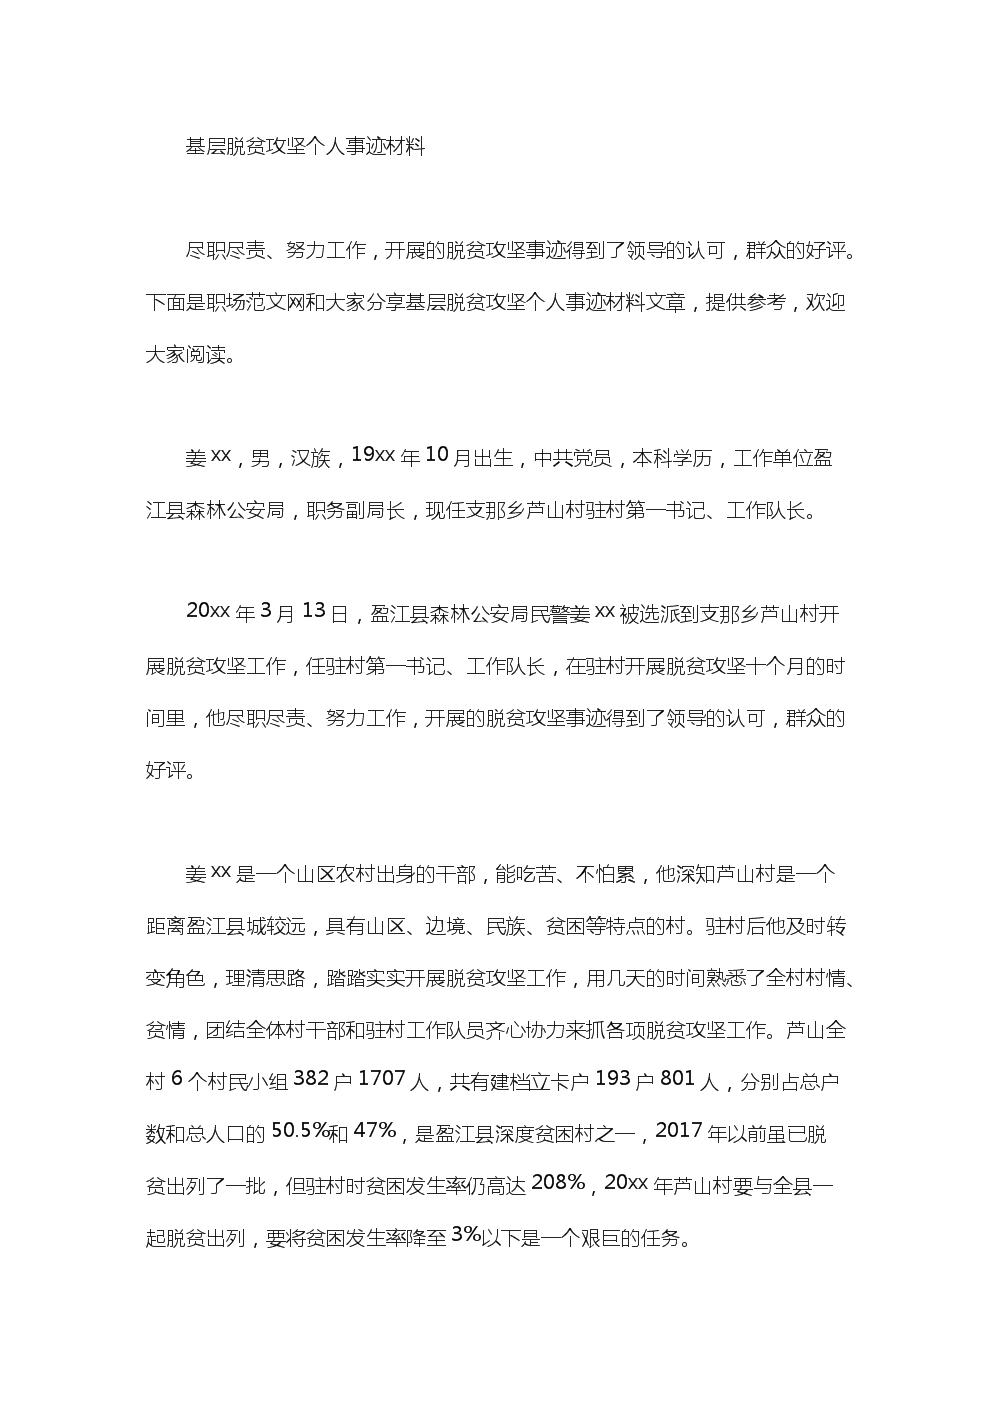 2020年基层脱贫攻坚个人事迹材料.doc